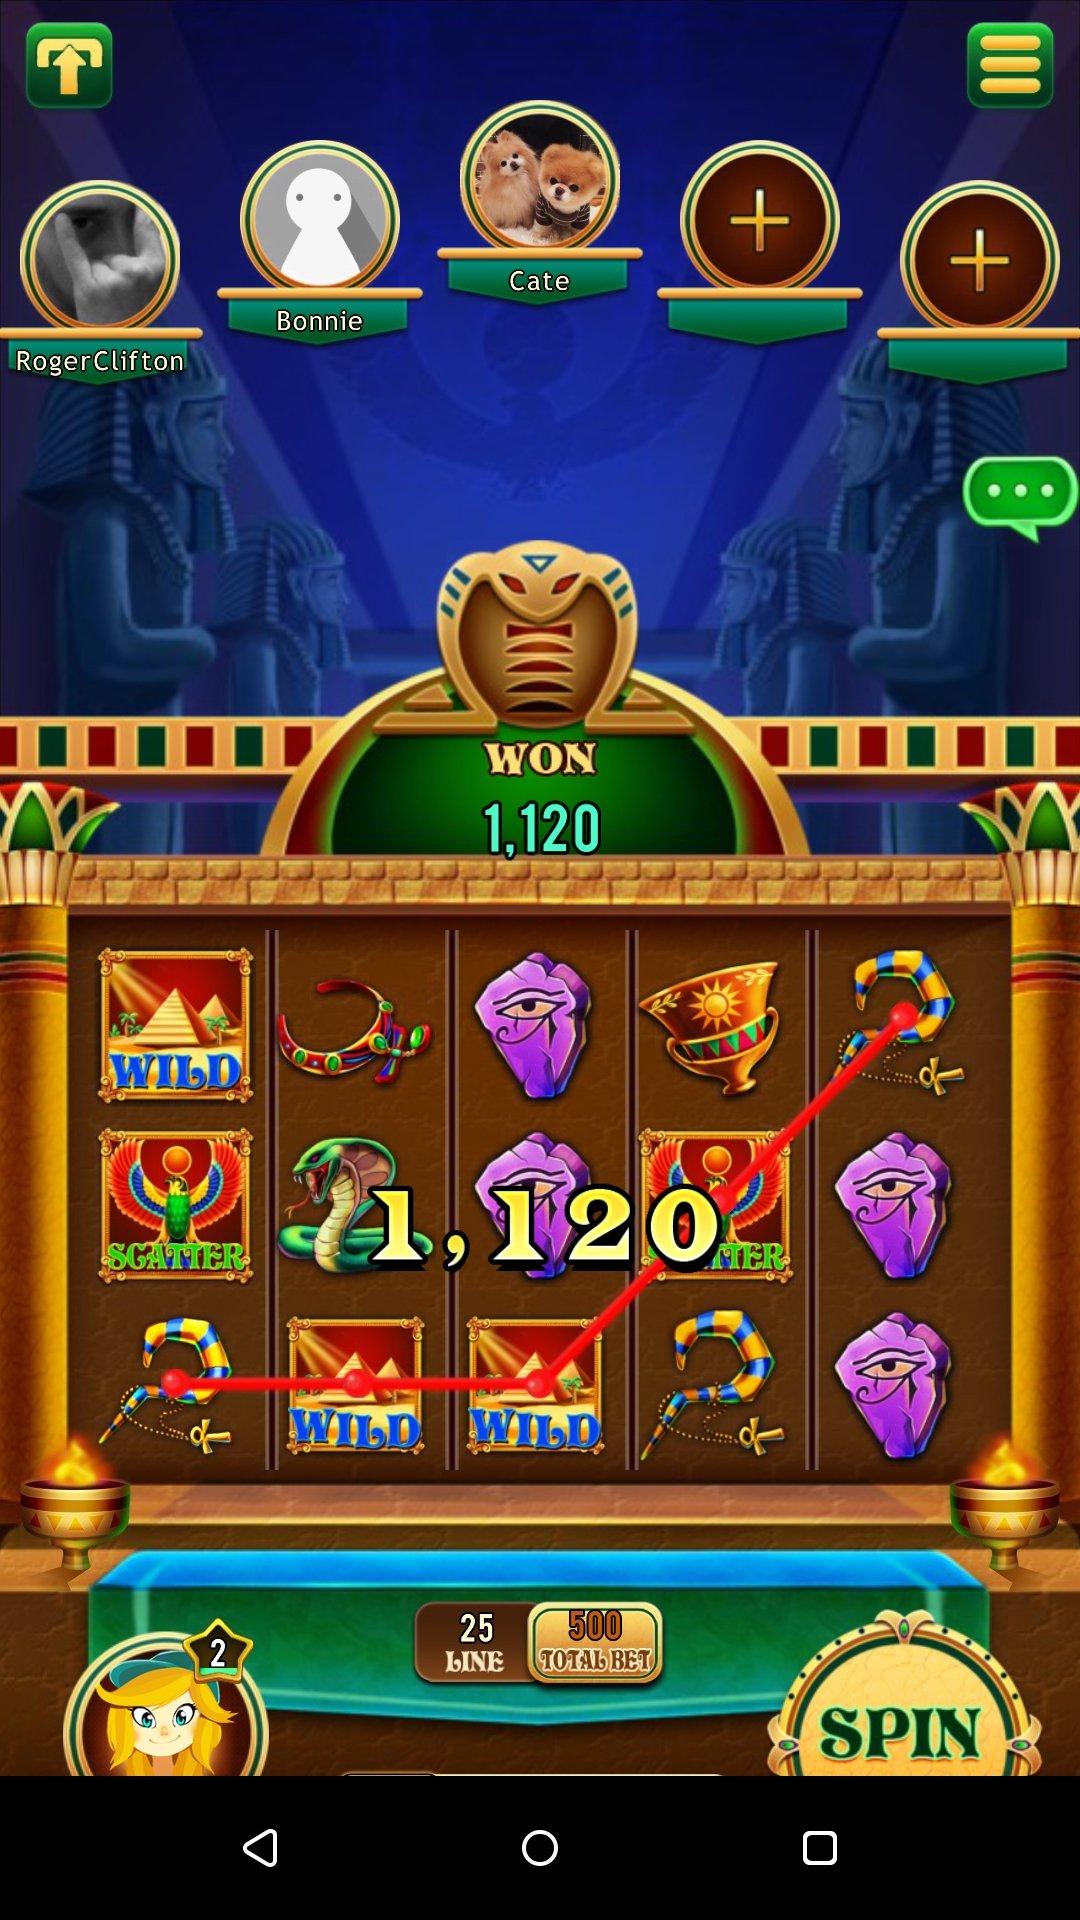 Скачать бесплатно игровые автоматы для андроид 2.3.6 играть в пиковую даму в карты